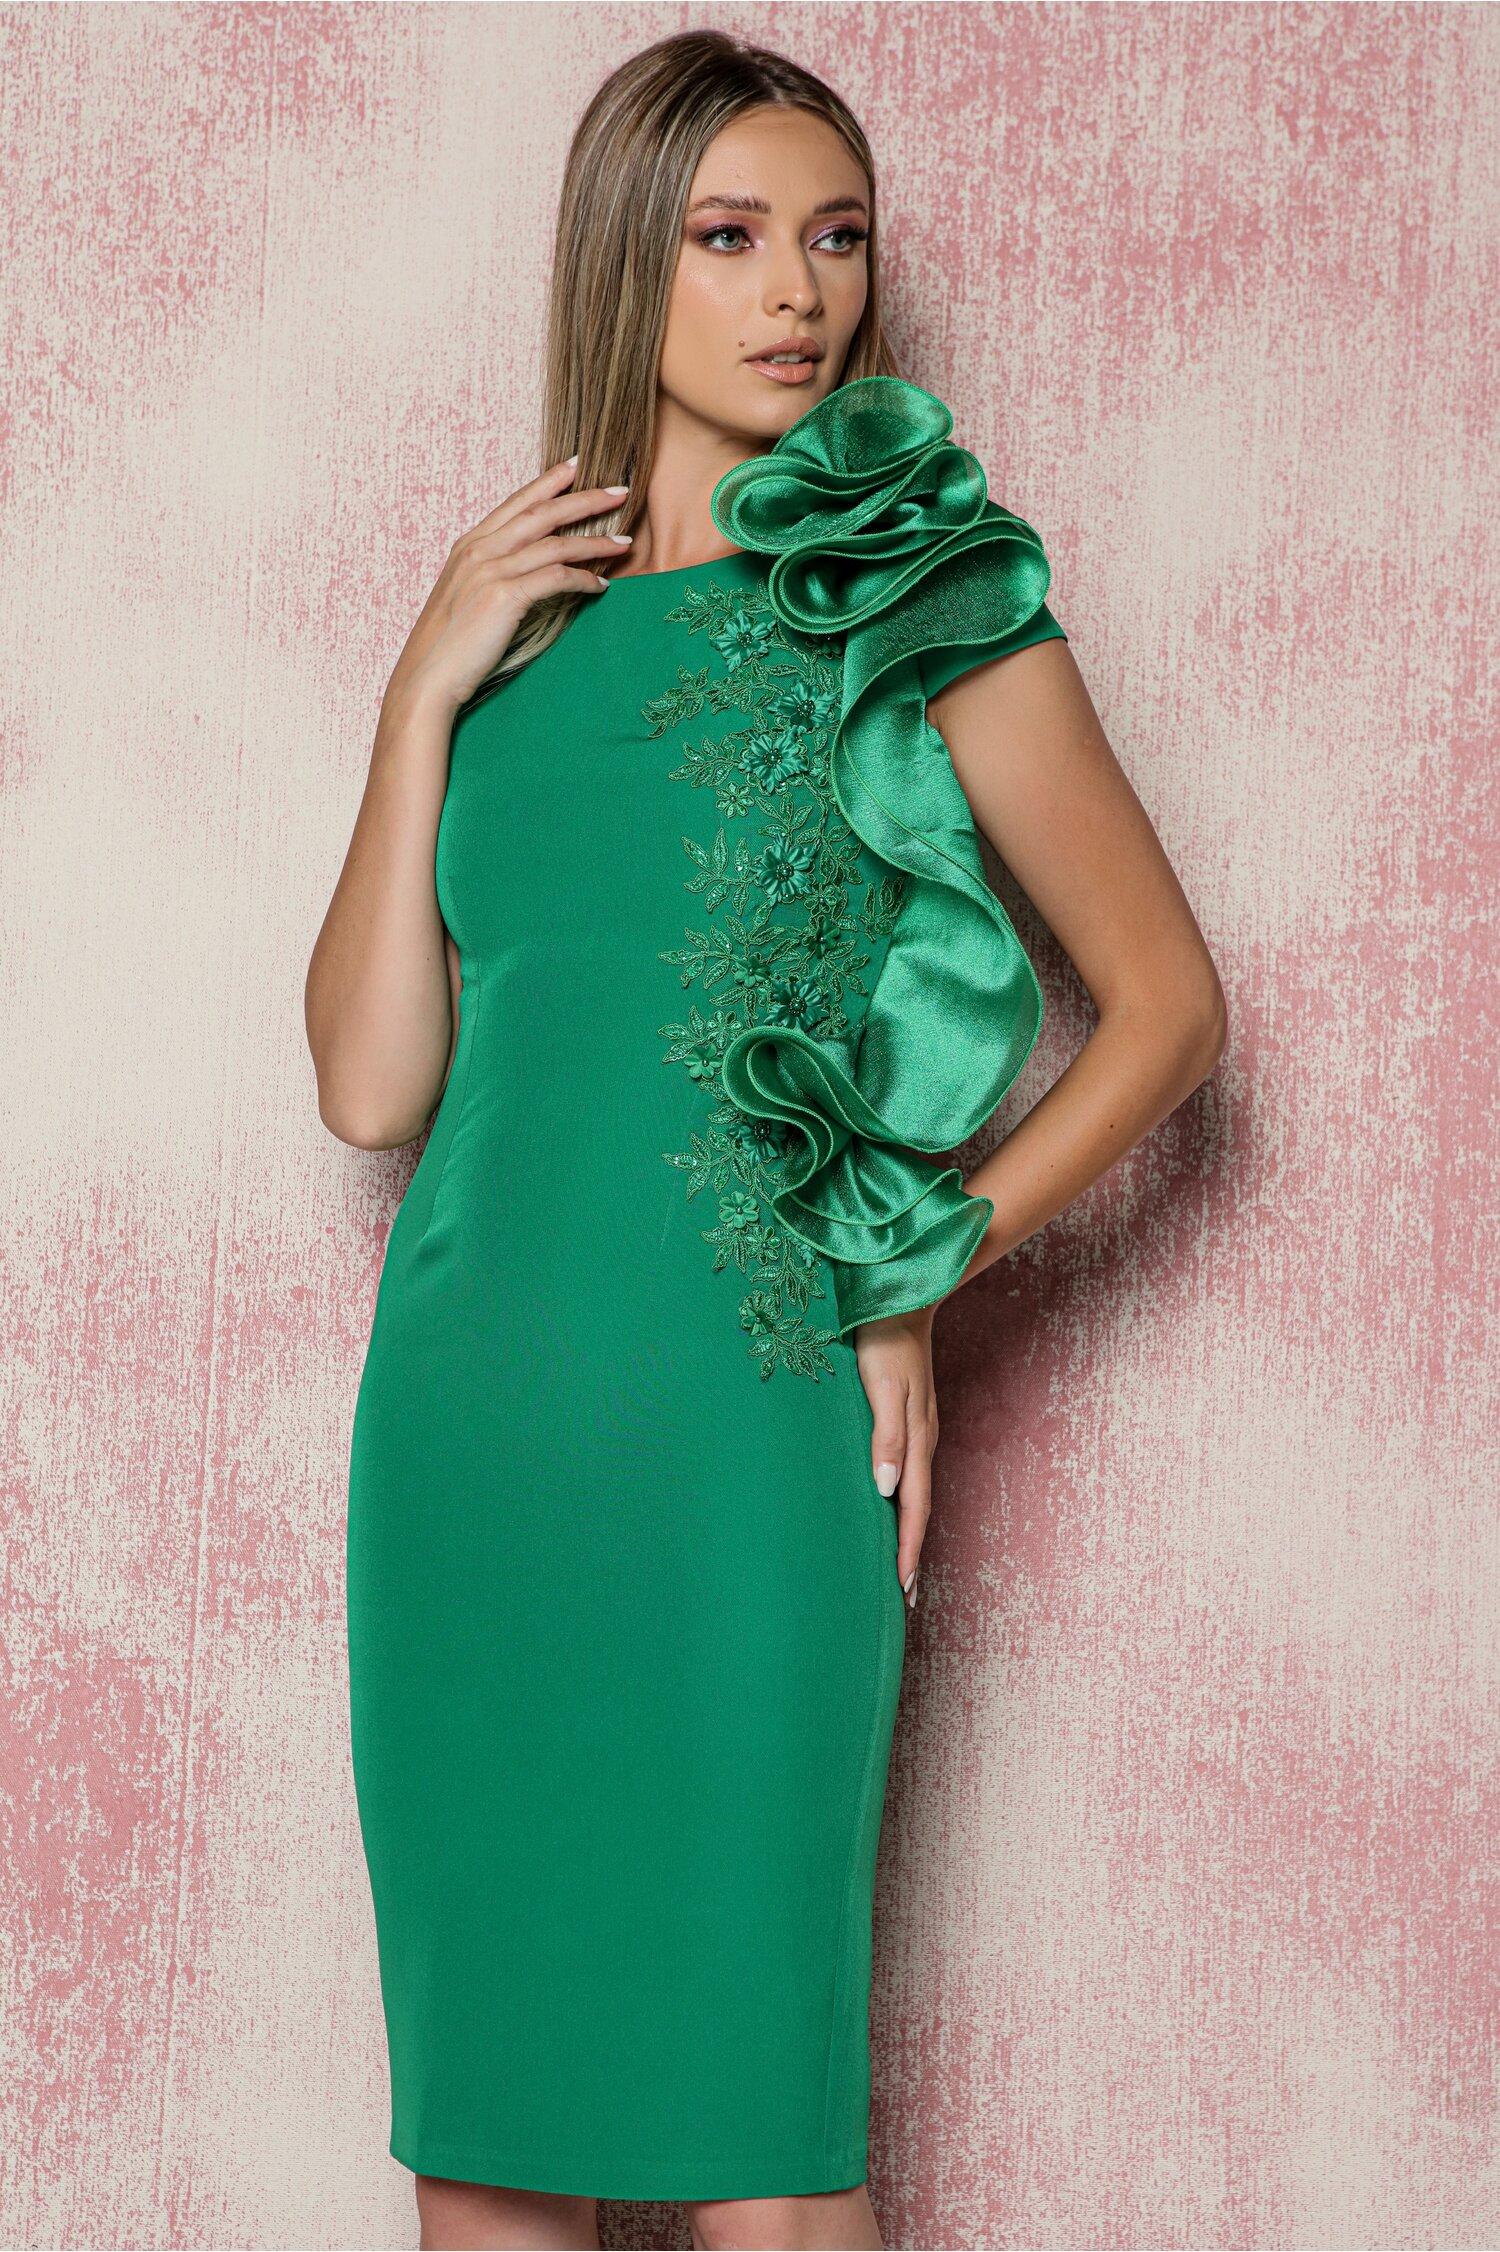 Rochie MBG verde cu broderie florala la bust si volan cu rijelina pe o parte